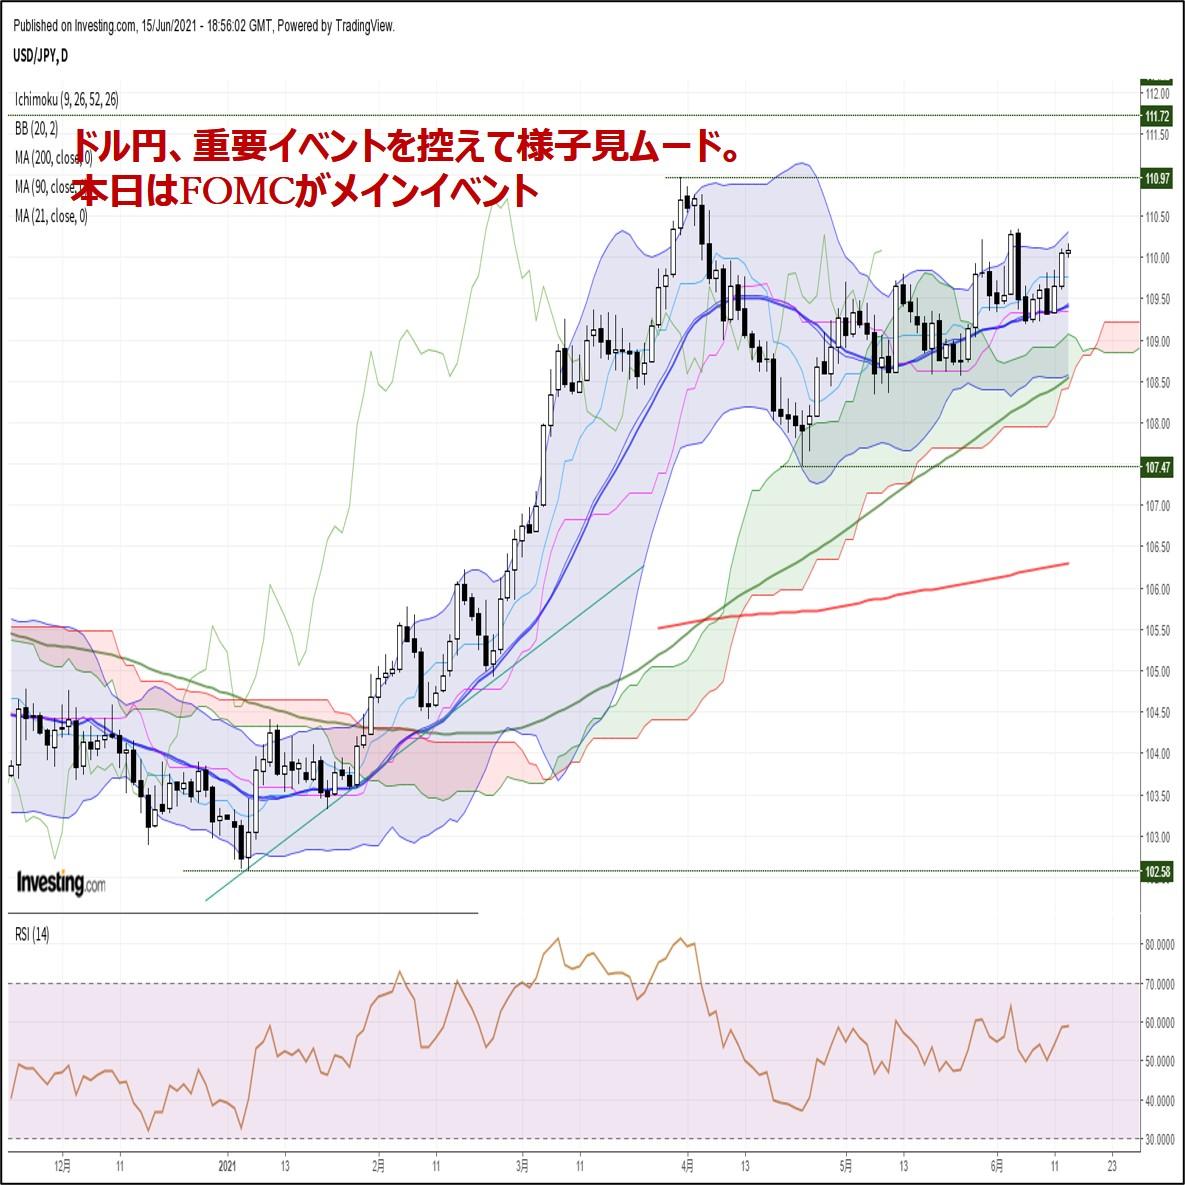 ドル円、重要イベントを控えて様子見ムード。本日はFOMCがメインイベント(6/16朝)